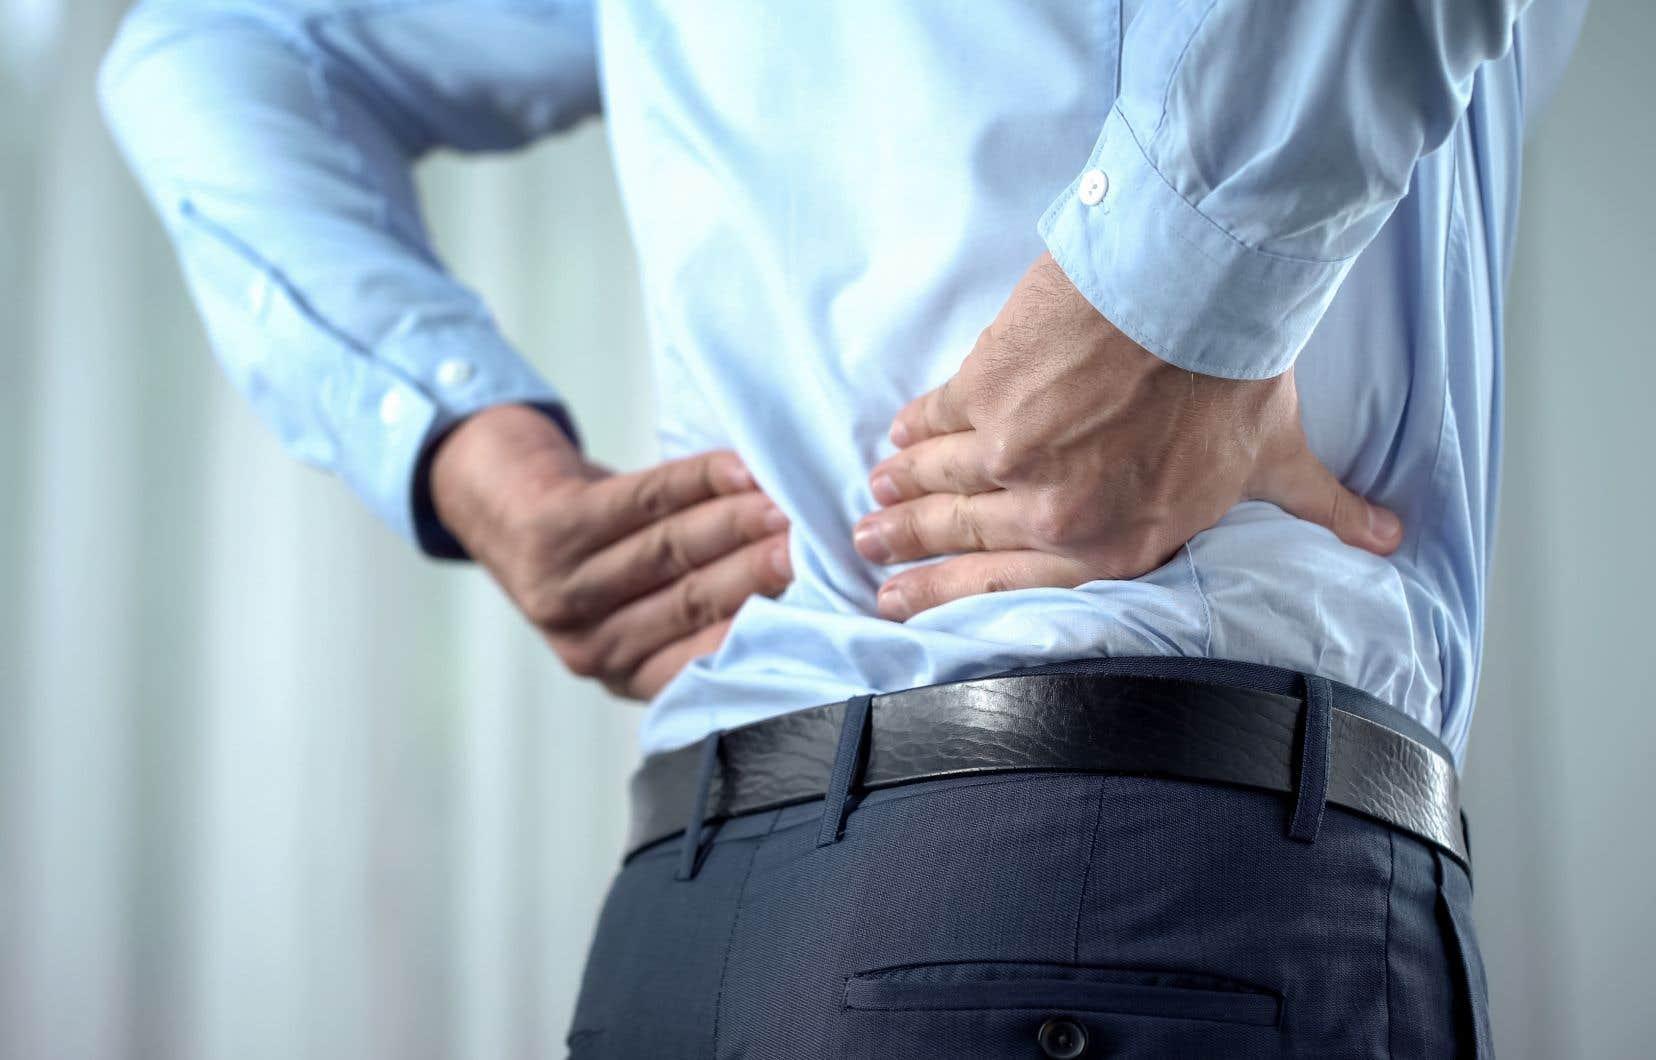 Au Québec, une étude du ministère de la Santé et des Services sociaux révèle qu'en 2014-2015, 14% des travailleurs de 15ans et plus souffraient de troubles musculo-squelettiques au dos.